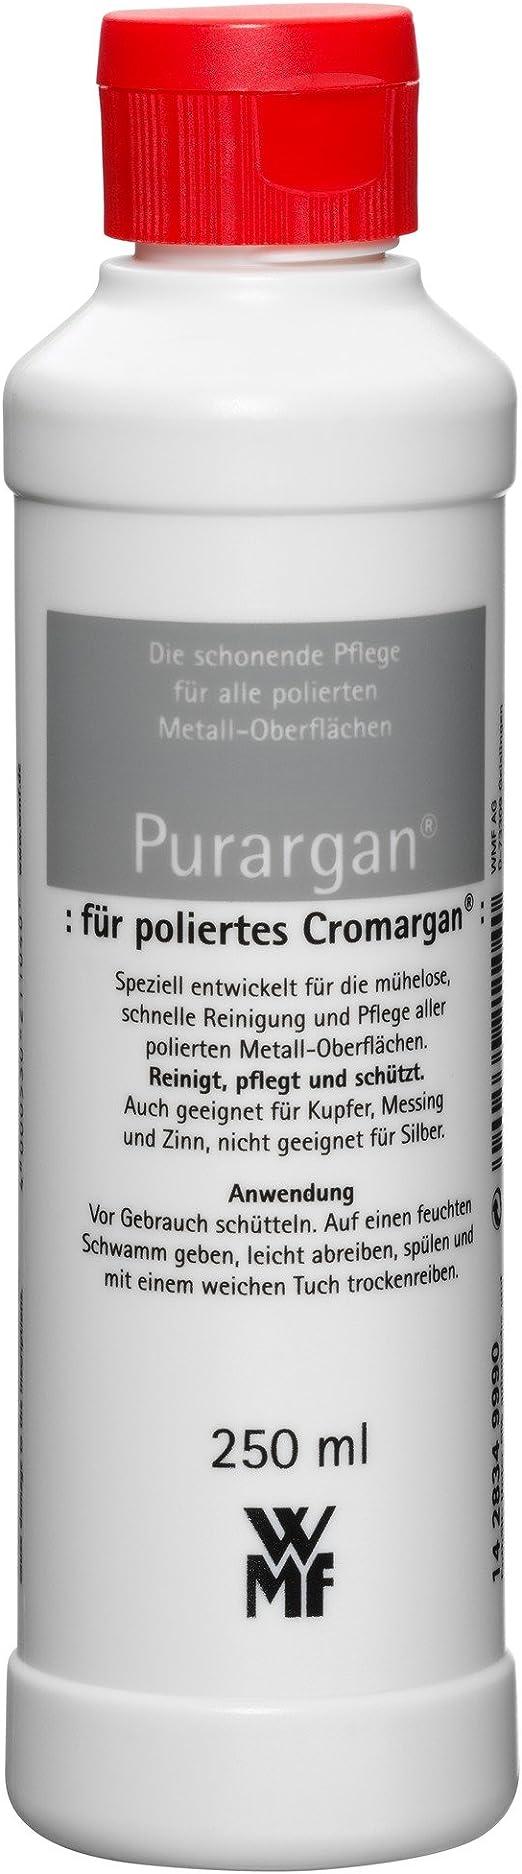 Wmf Pflegemittel Purargan Für Polierte Cromargan Oberflächen 250 Ml Küche Haushalt